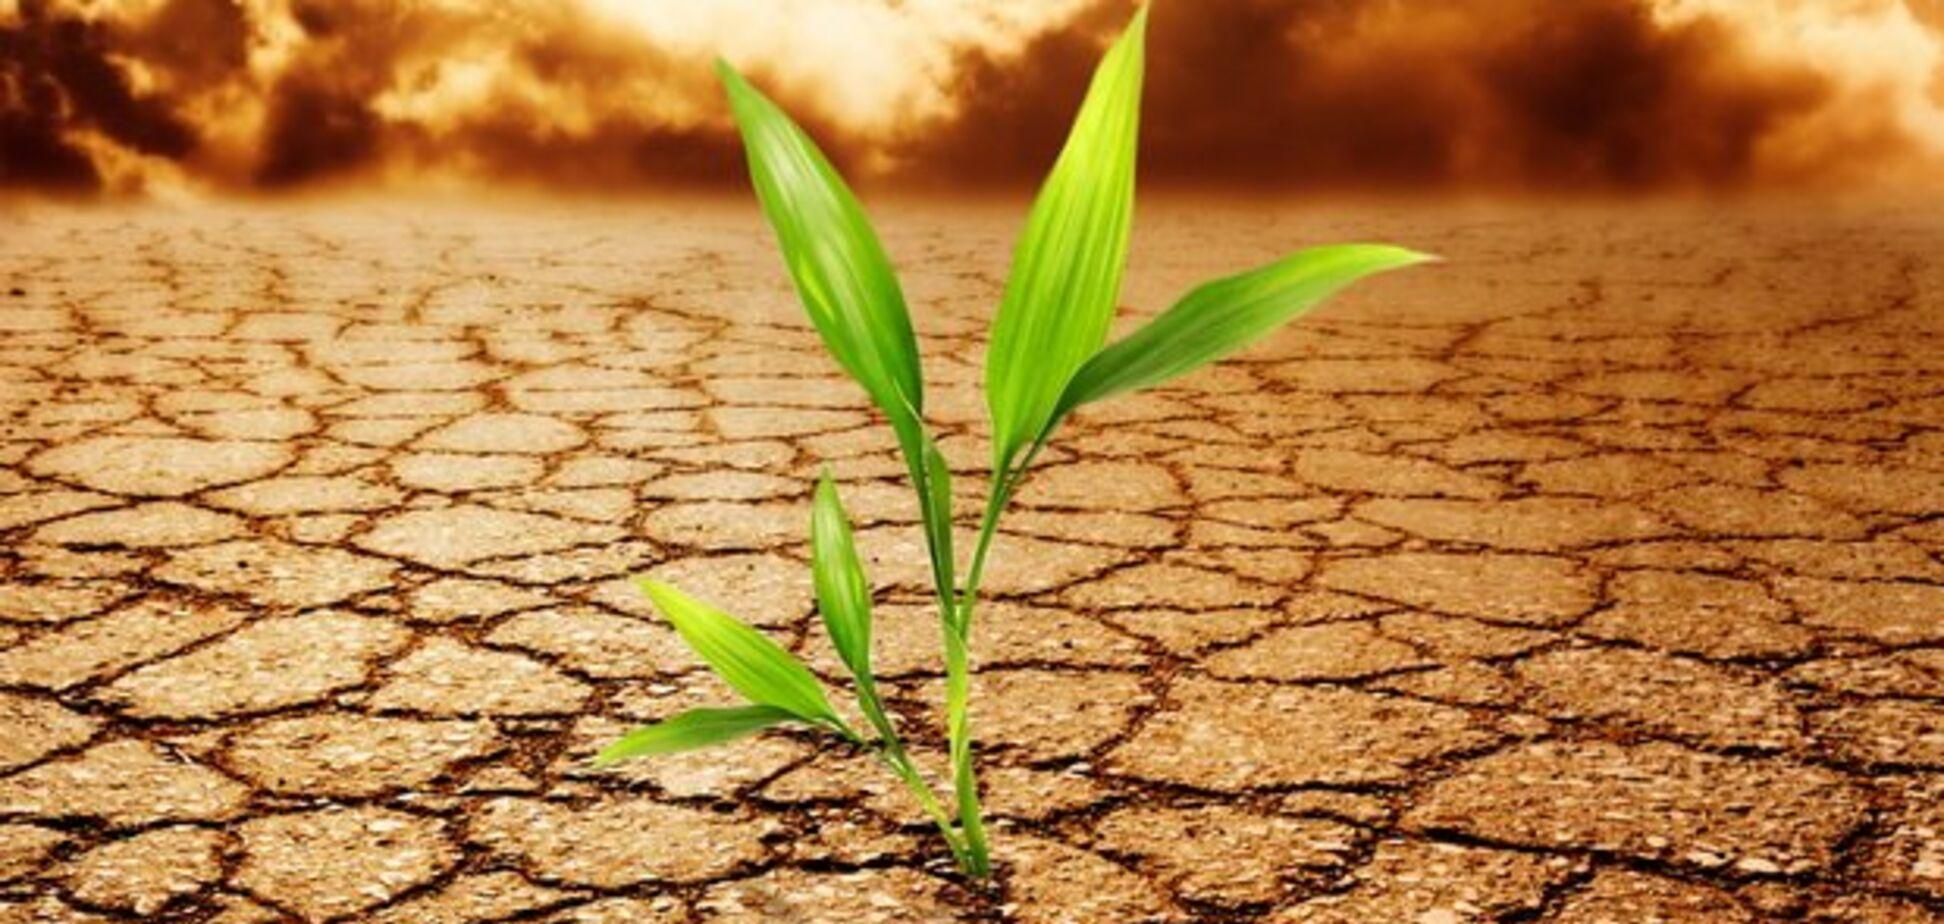 В Украине 10 лет будет засуха: что будет с ценами на продукты